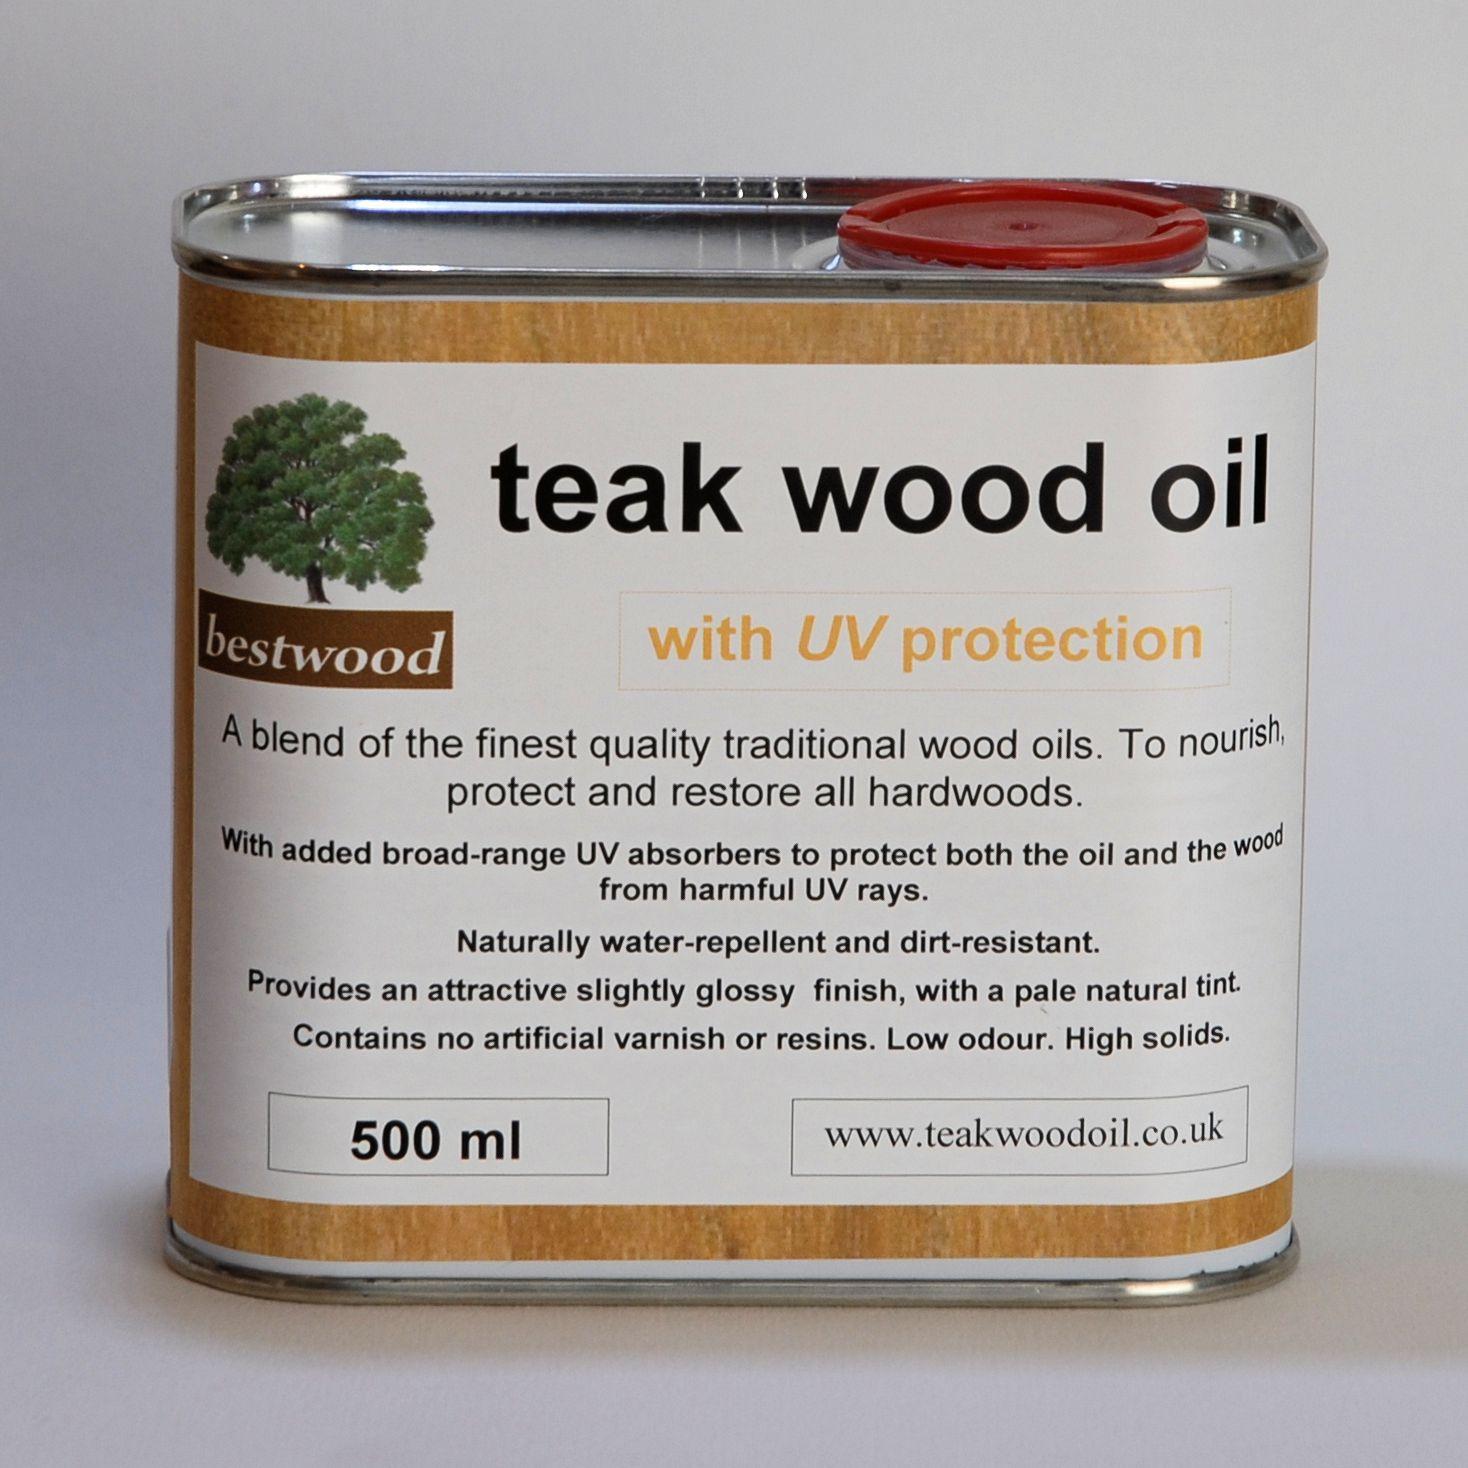 Bestwood Teak Wood Oil, UV, 500ml